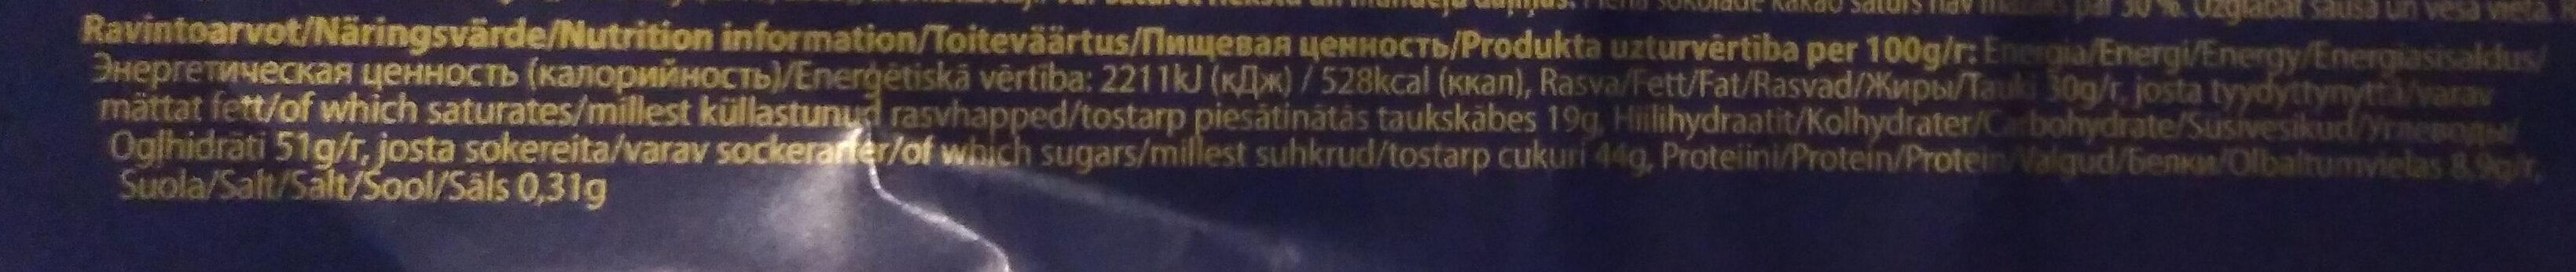 Karl Fazer Winter Edition Piparkakku Maitosuklaa - Ravintosisältö - fi